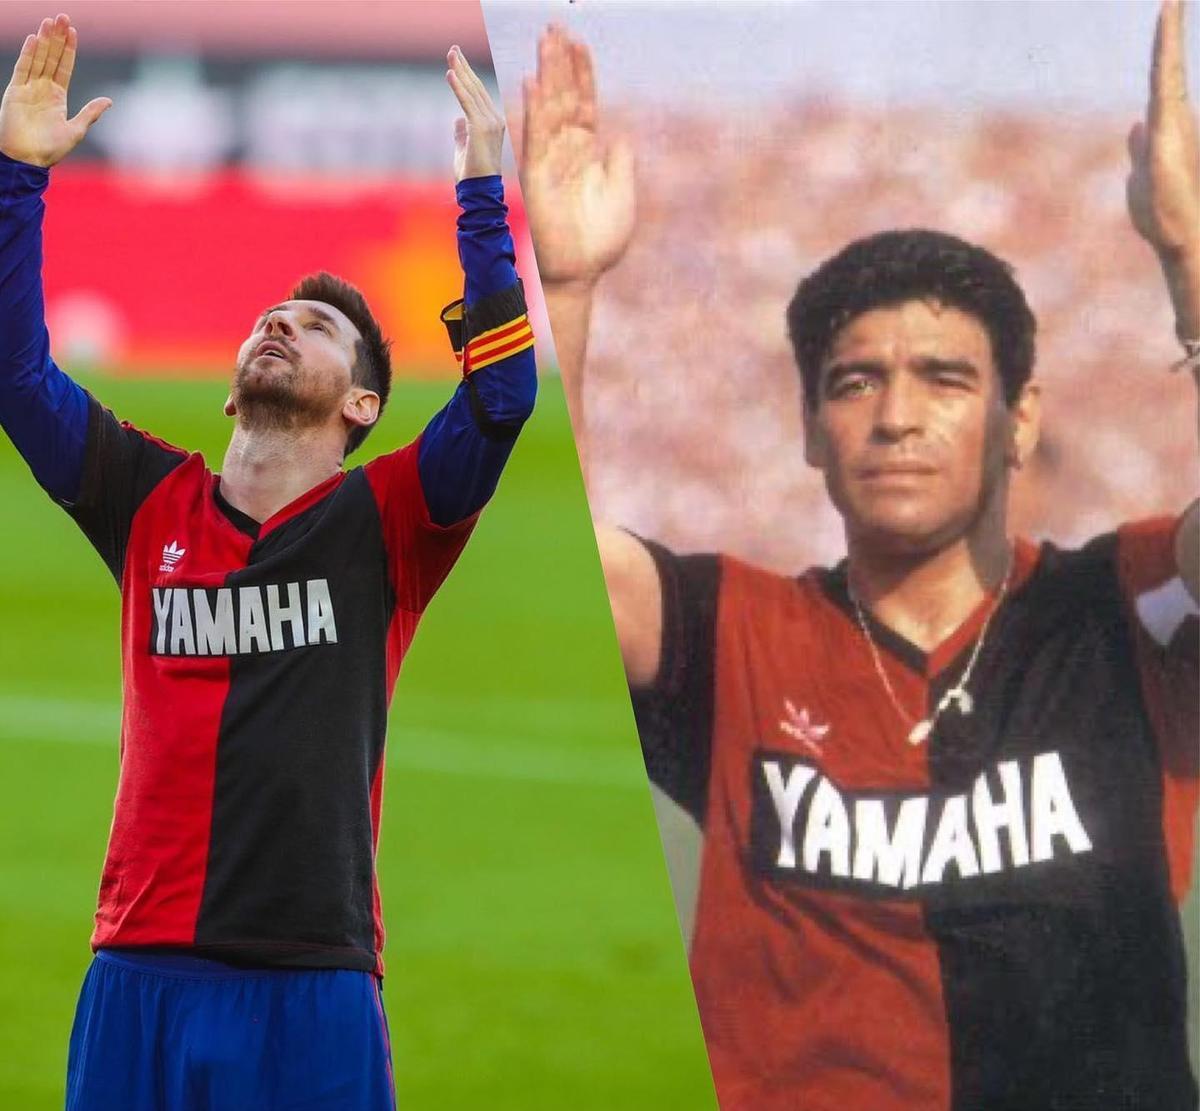 梅西(左)致敬馬拉度納(右)的行為因違反足球規則遭罰。(翻攝自梅西臉書)